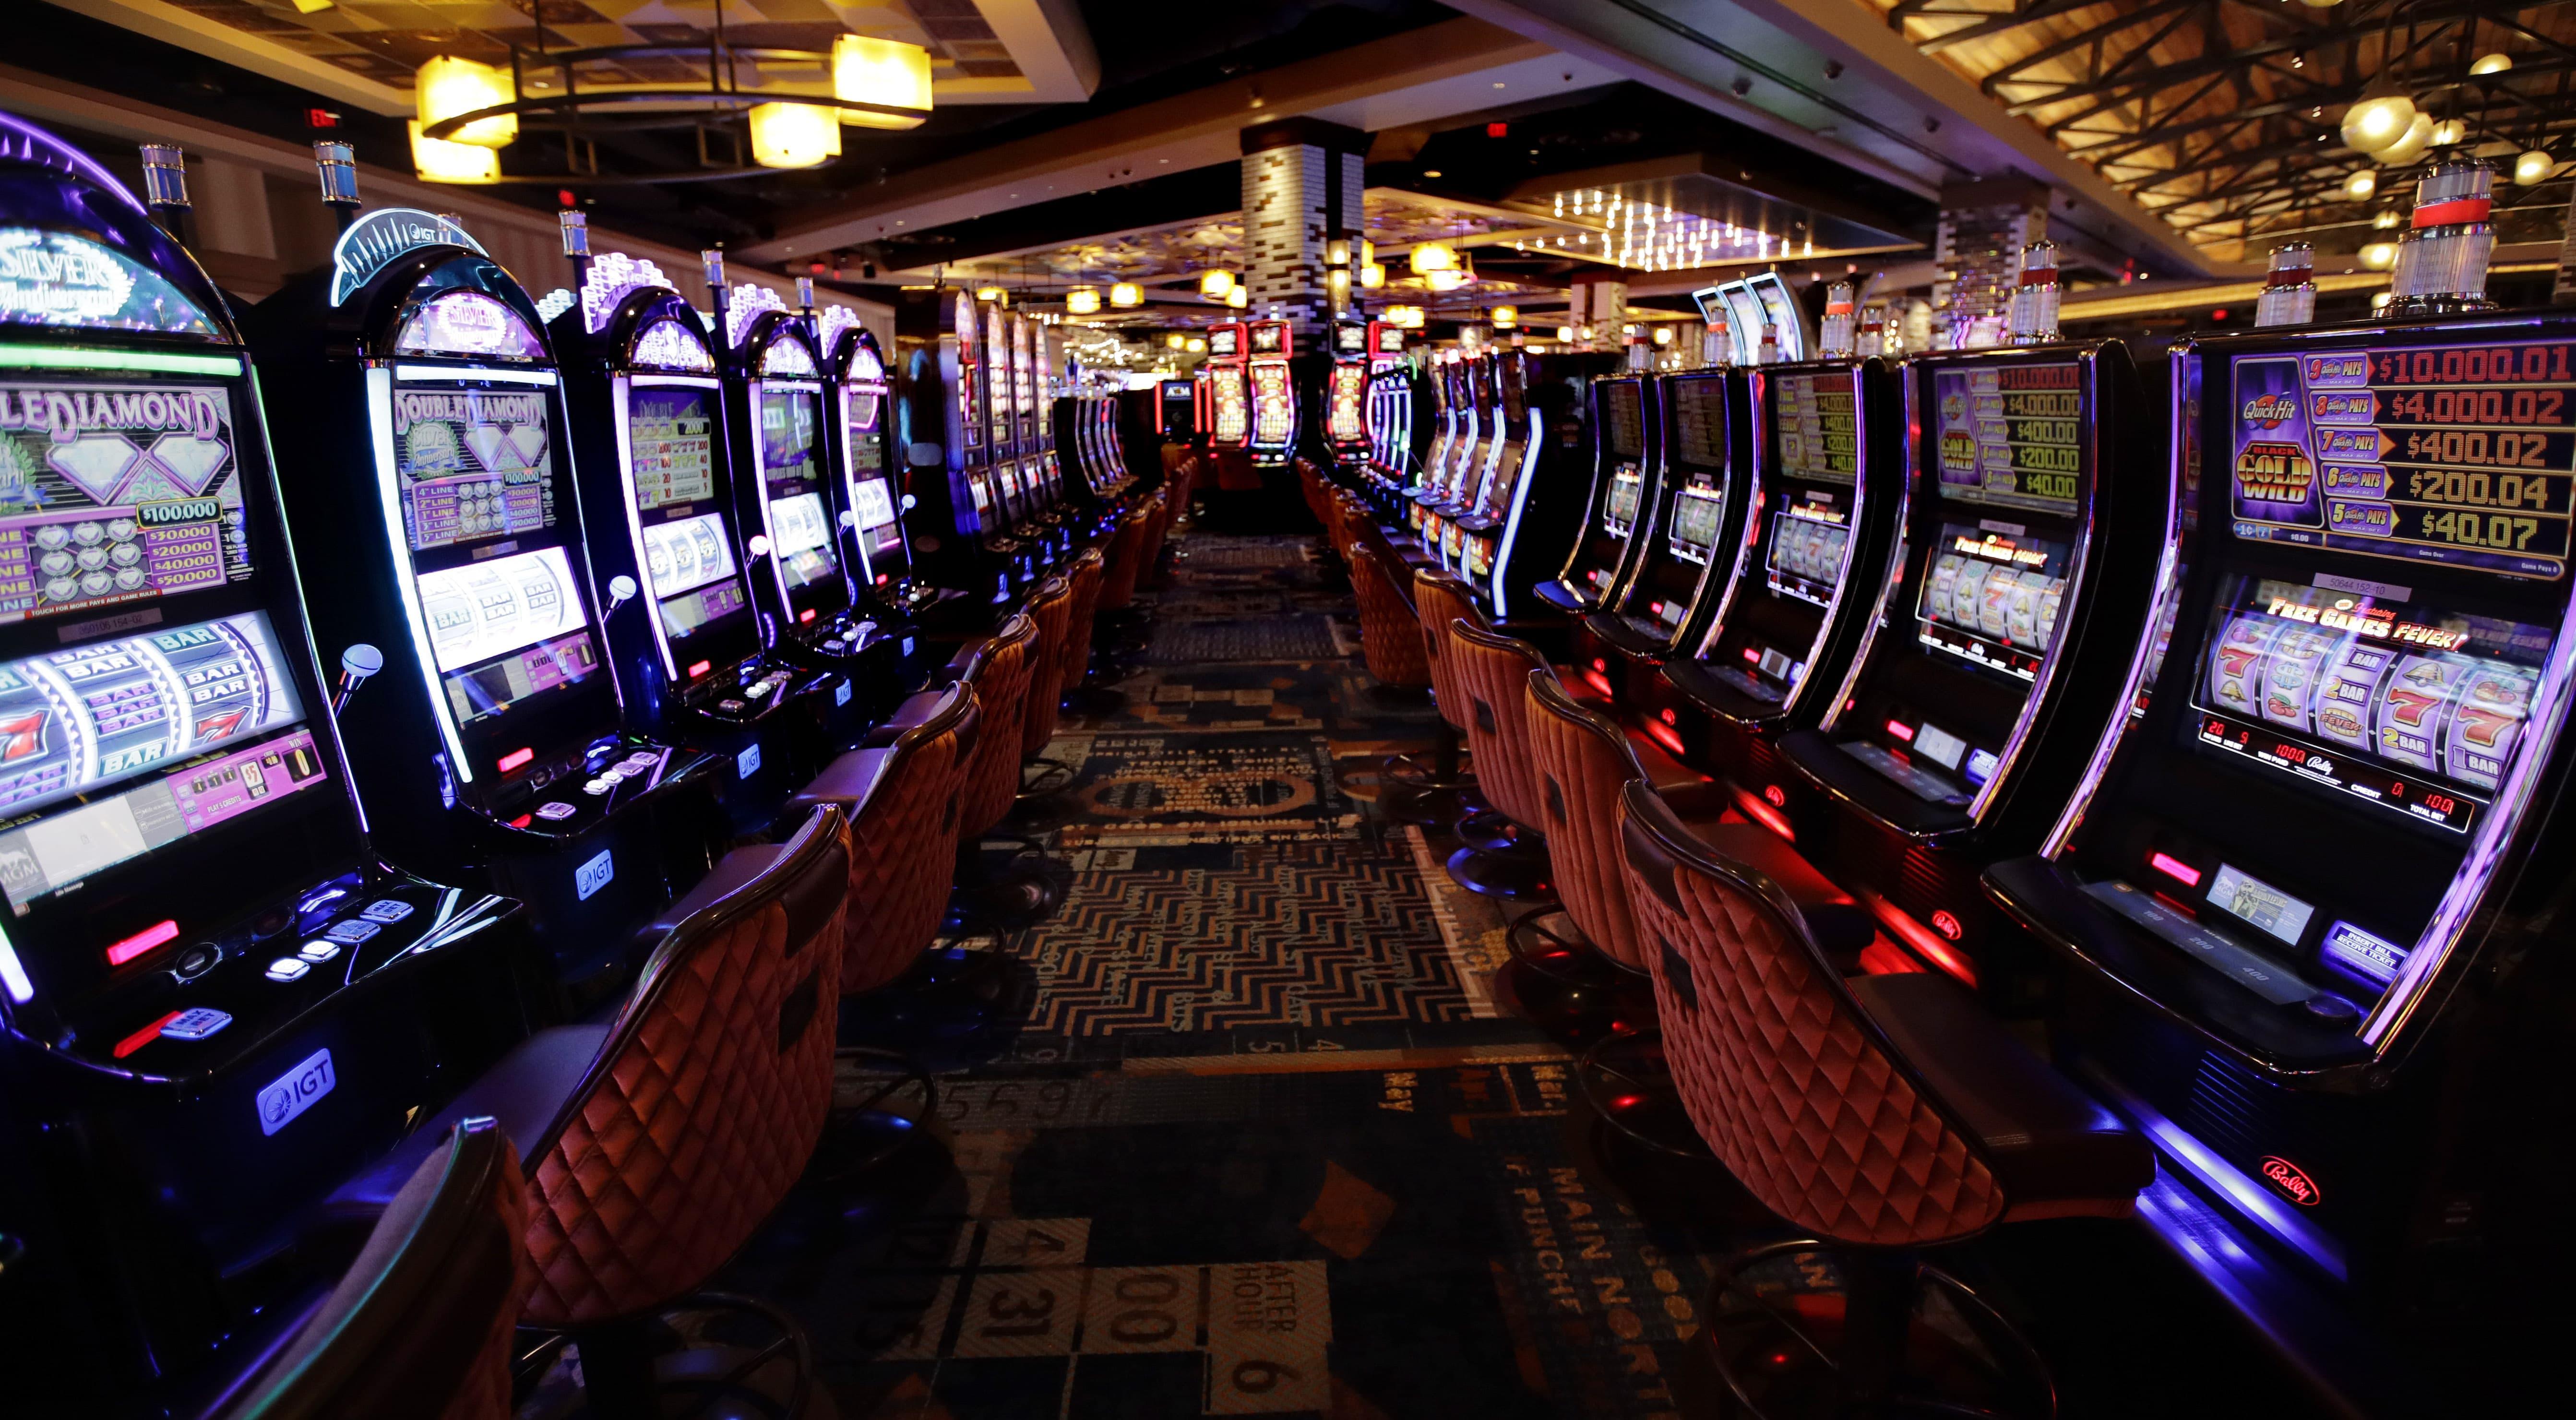 Famous gambling losses